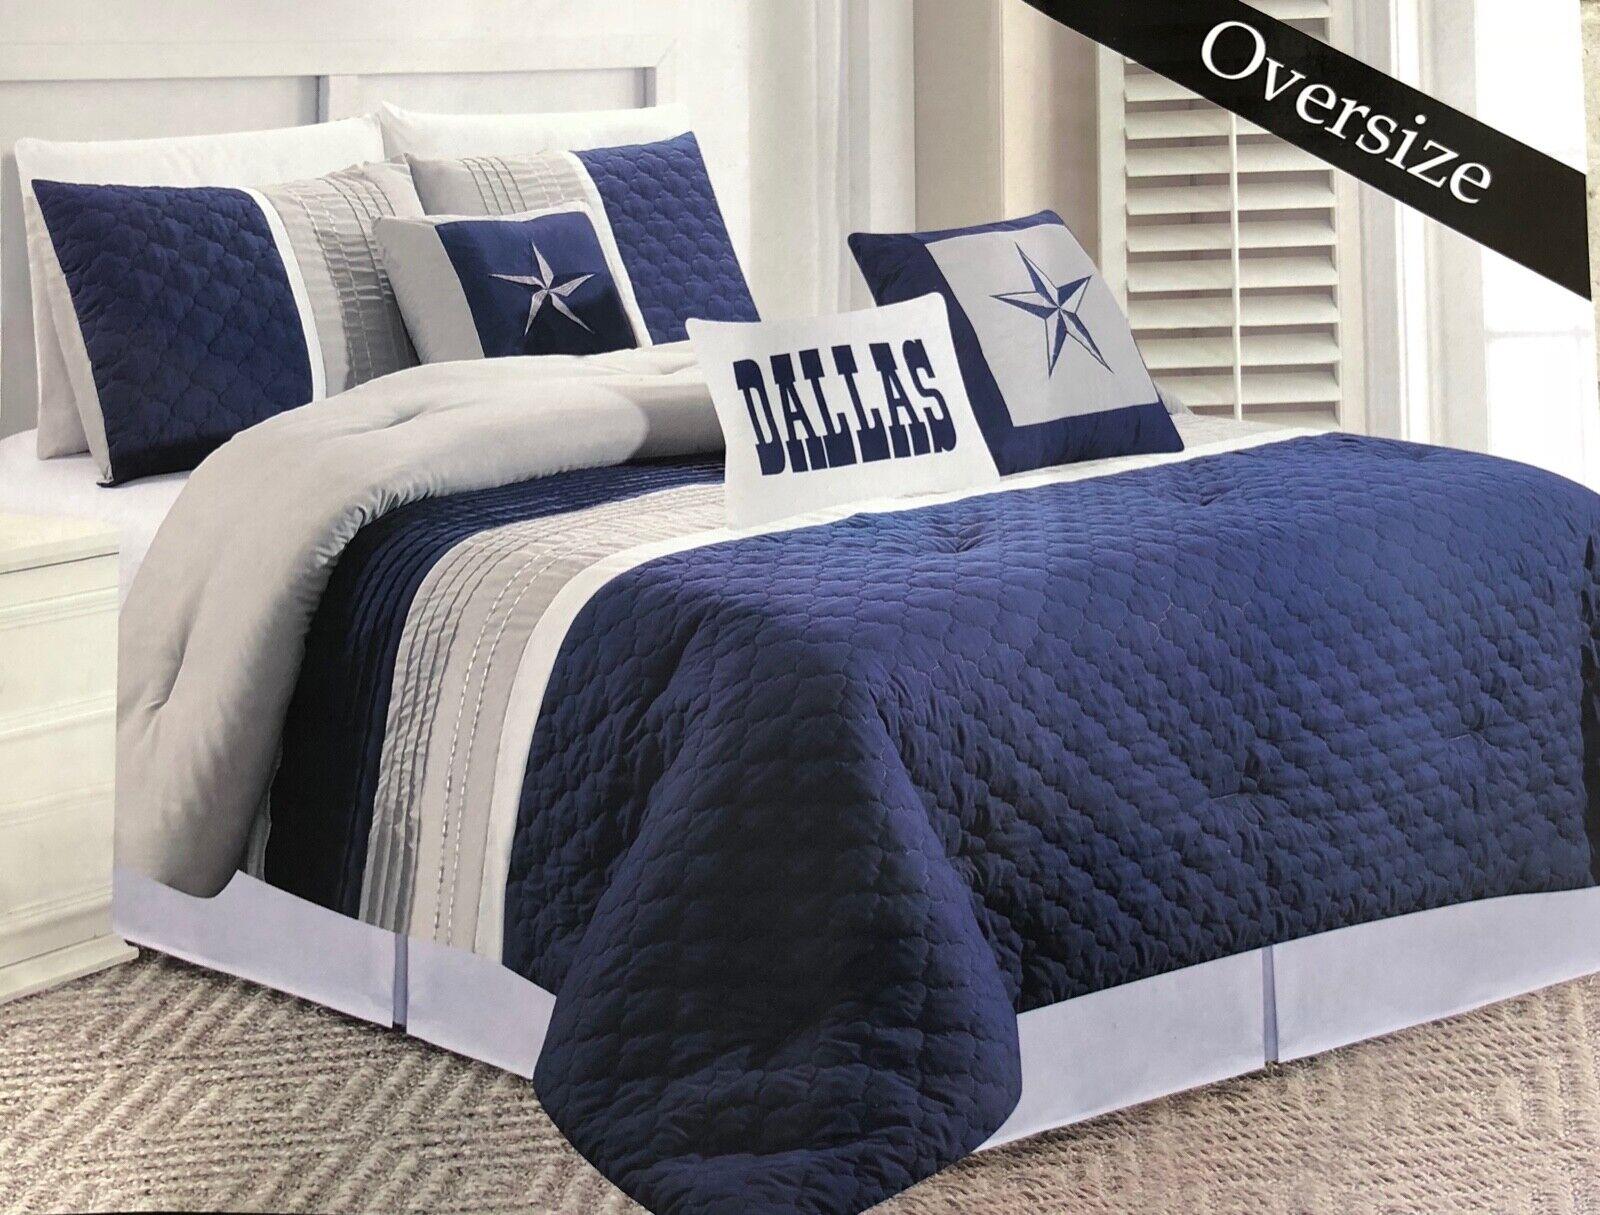 Dallas Cowboys Western Star Design Quilt BedSpread Comforter Navy Blau - 6 Piece